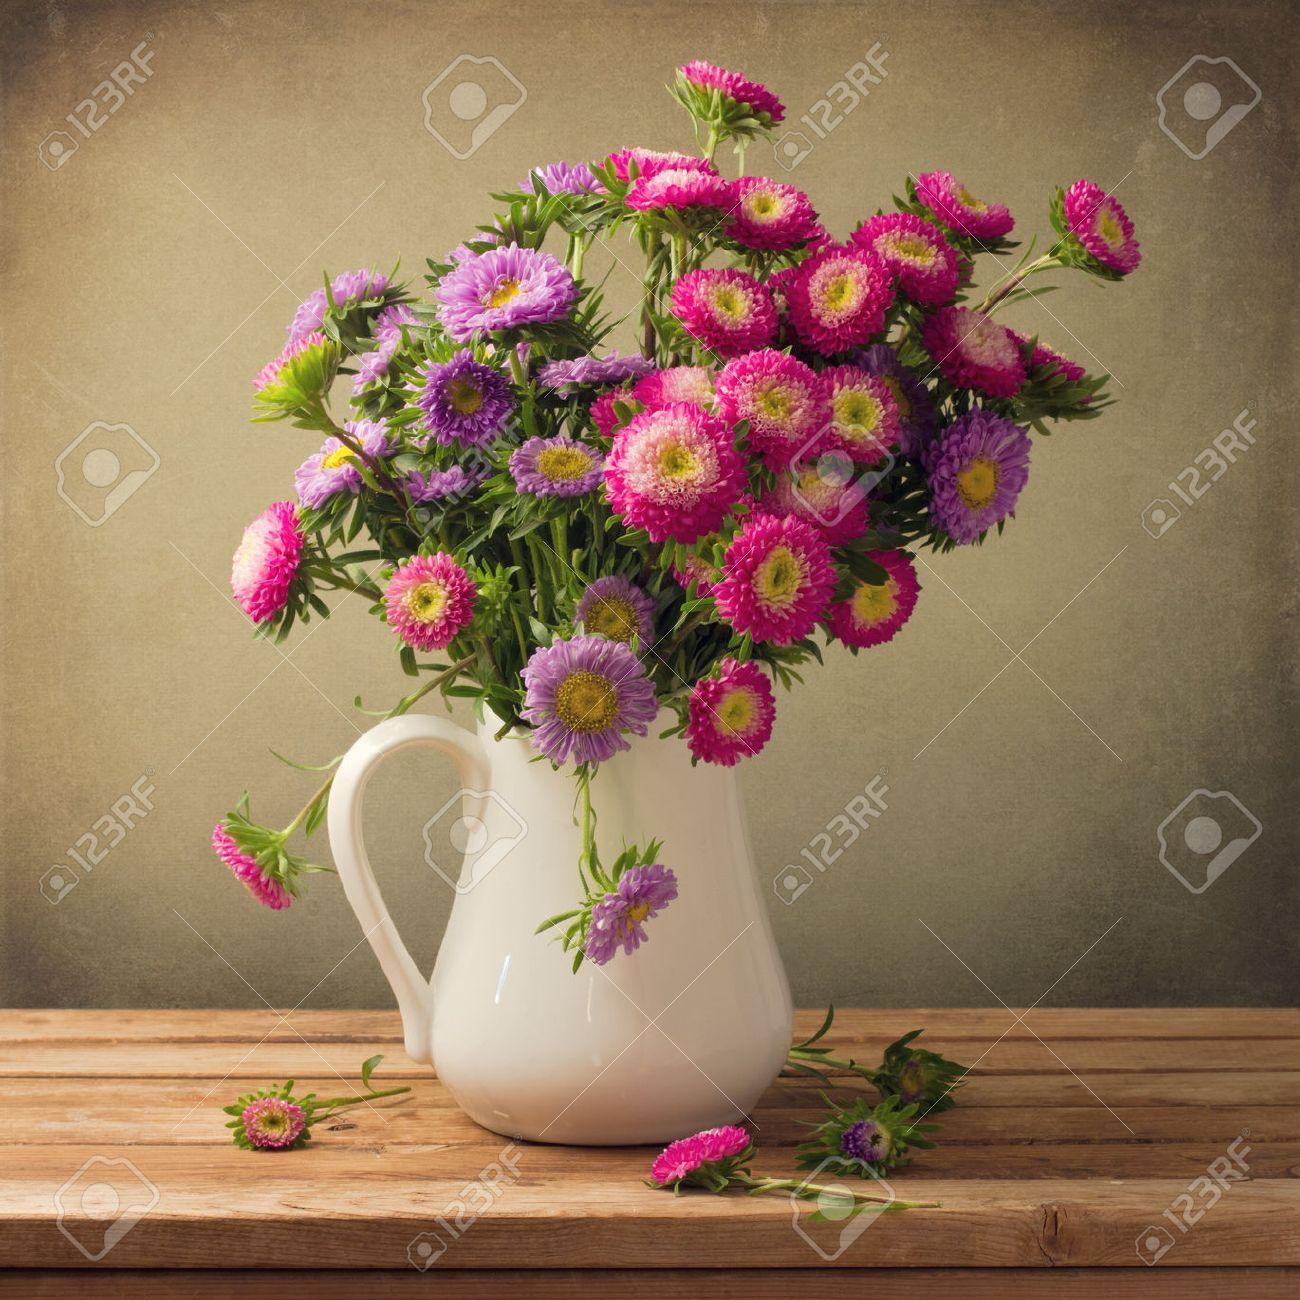 flower vase images u0026 stock pictures royalty free flower vase